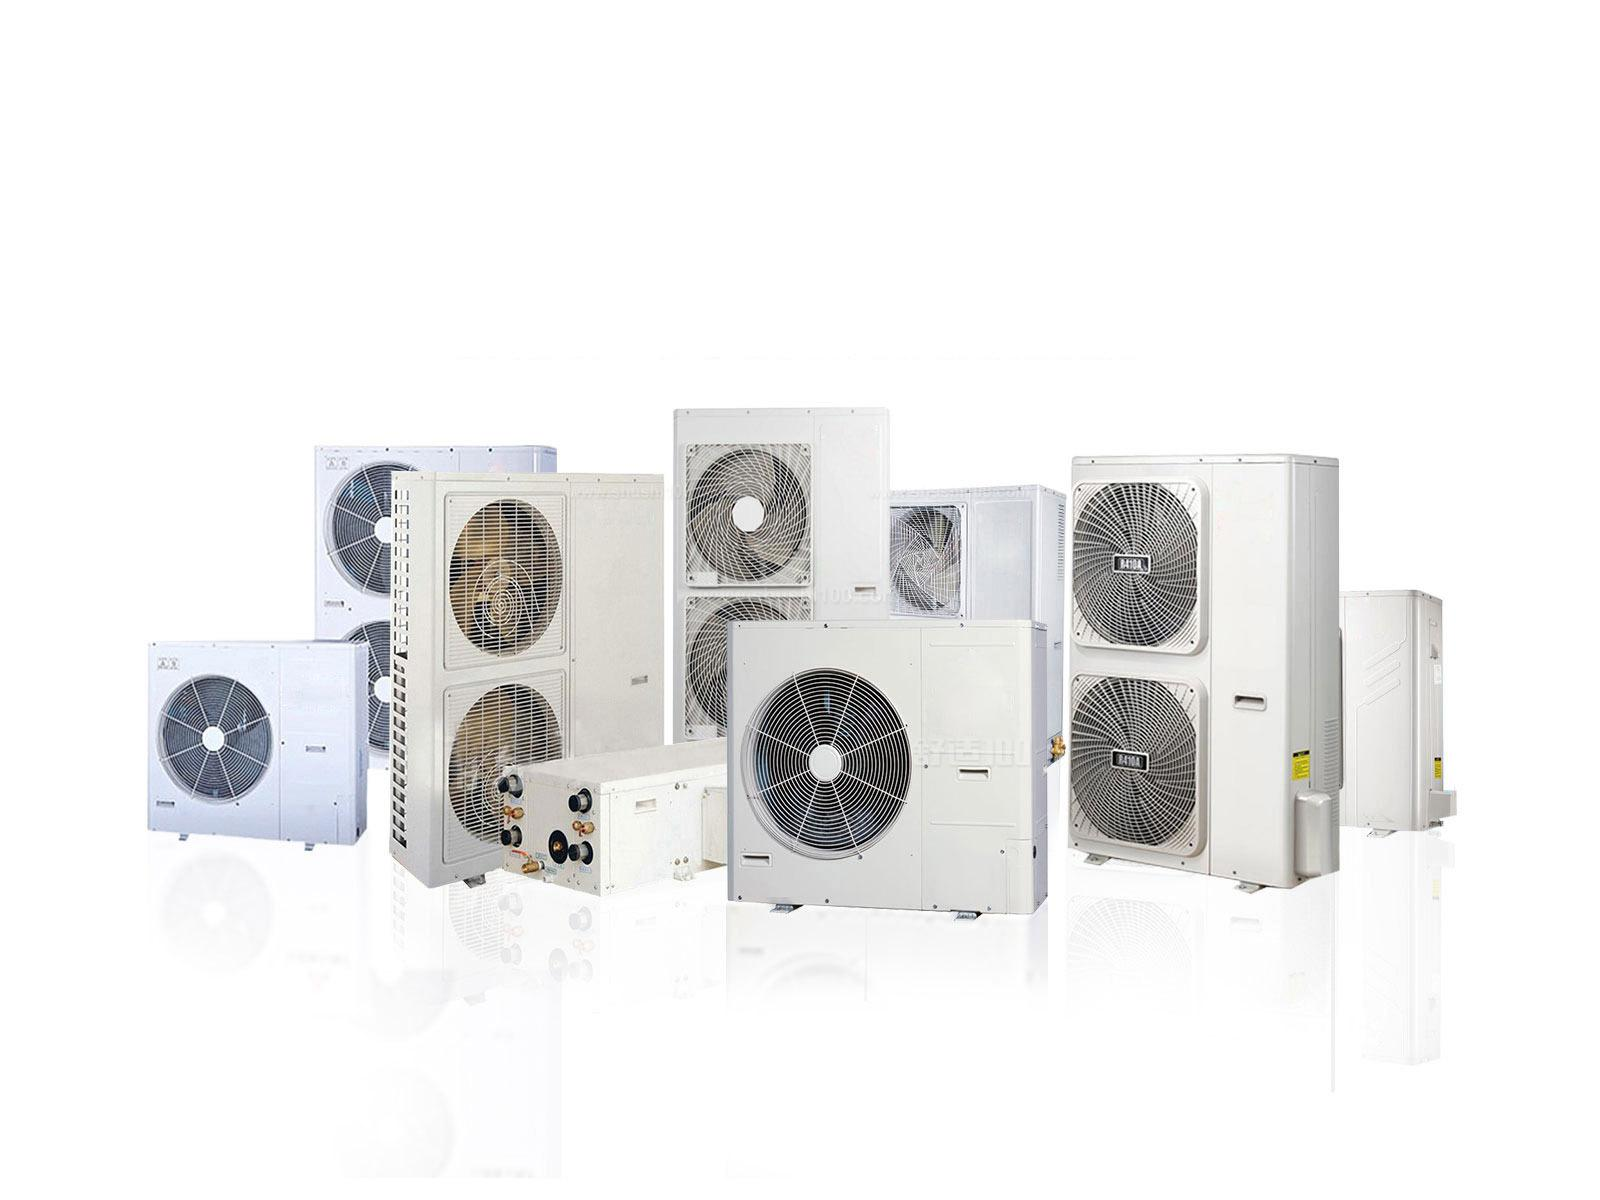 约克中央空调价格表—约克中央空调贵不贵